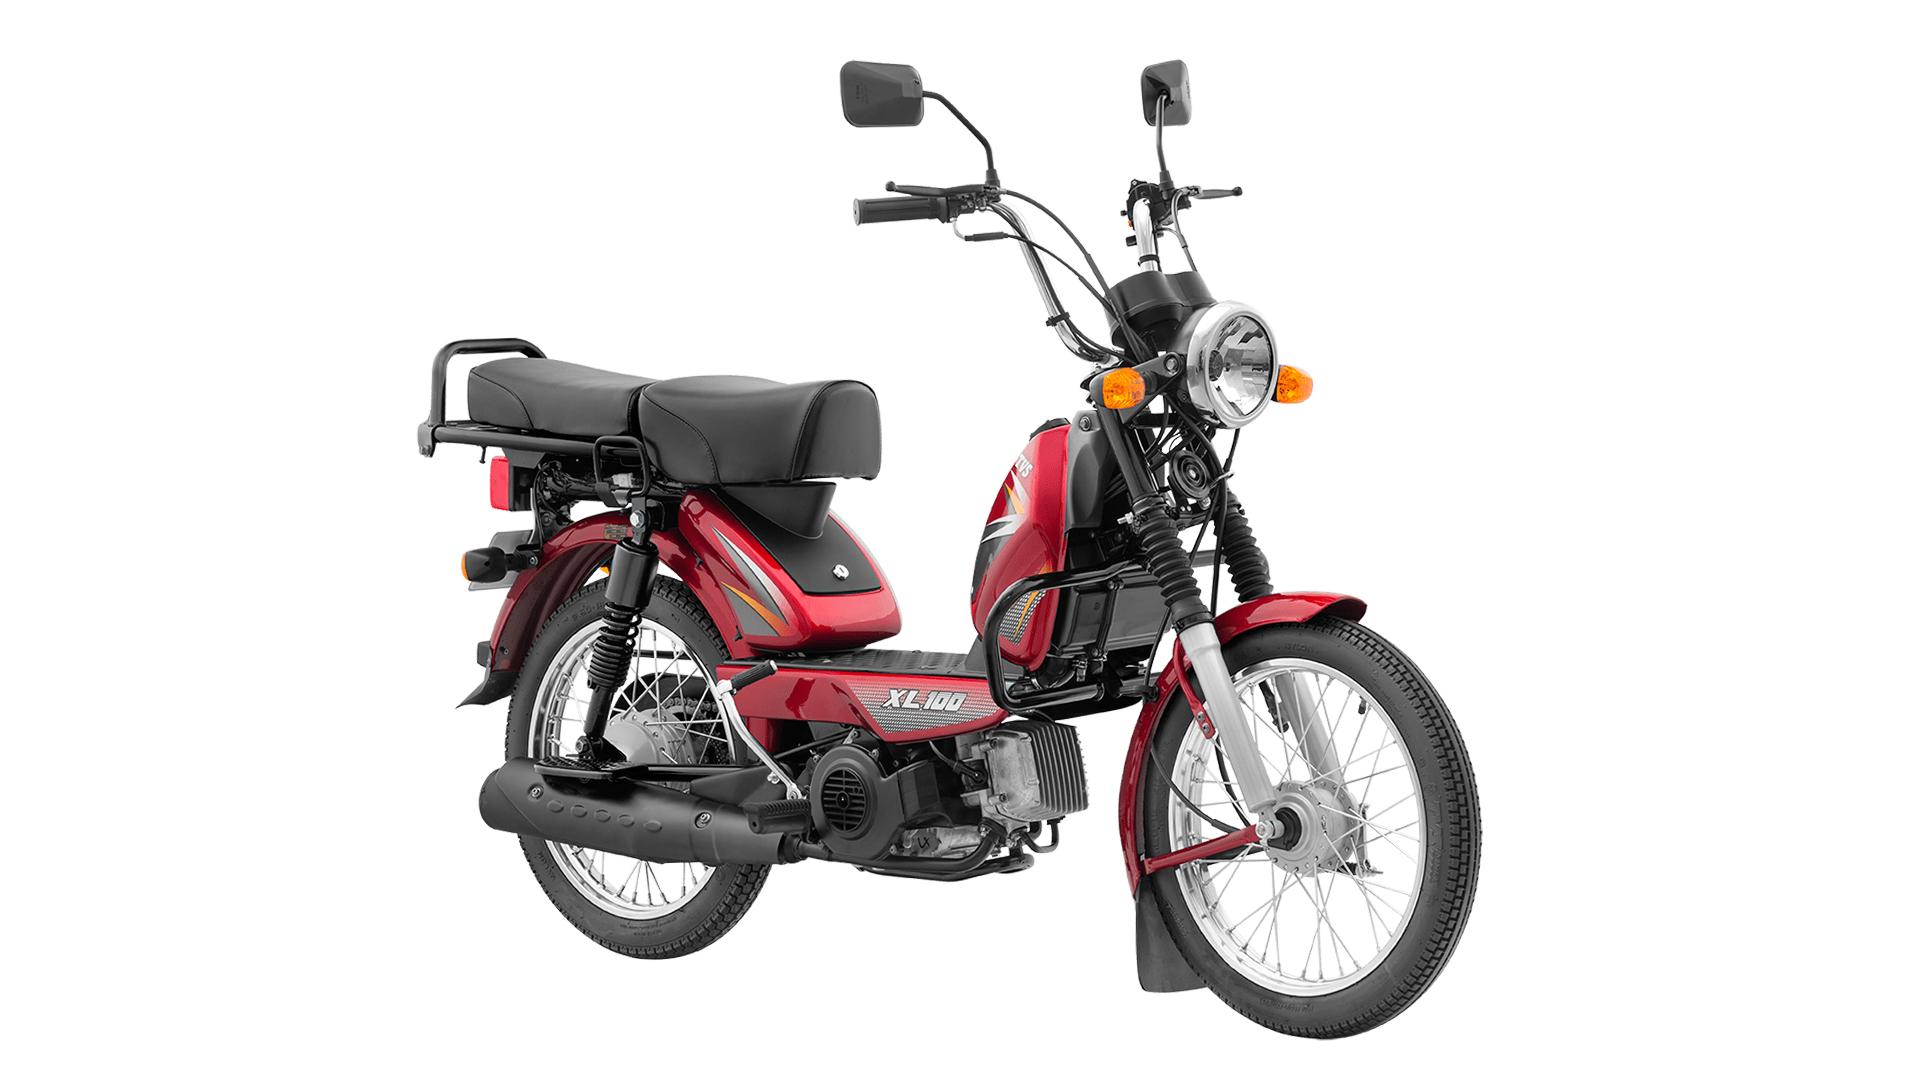 TVS XL100 2015 STD